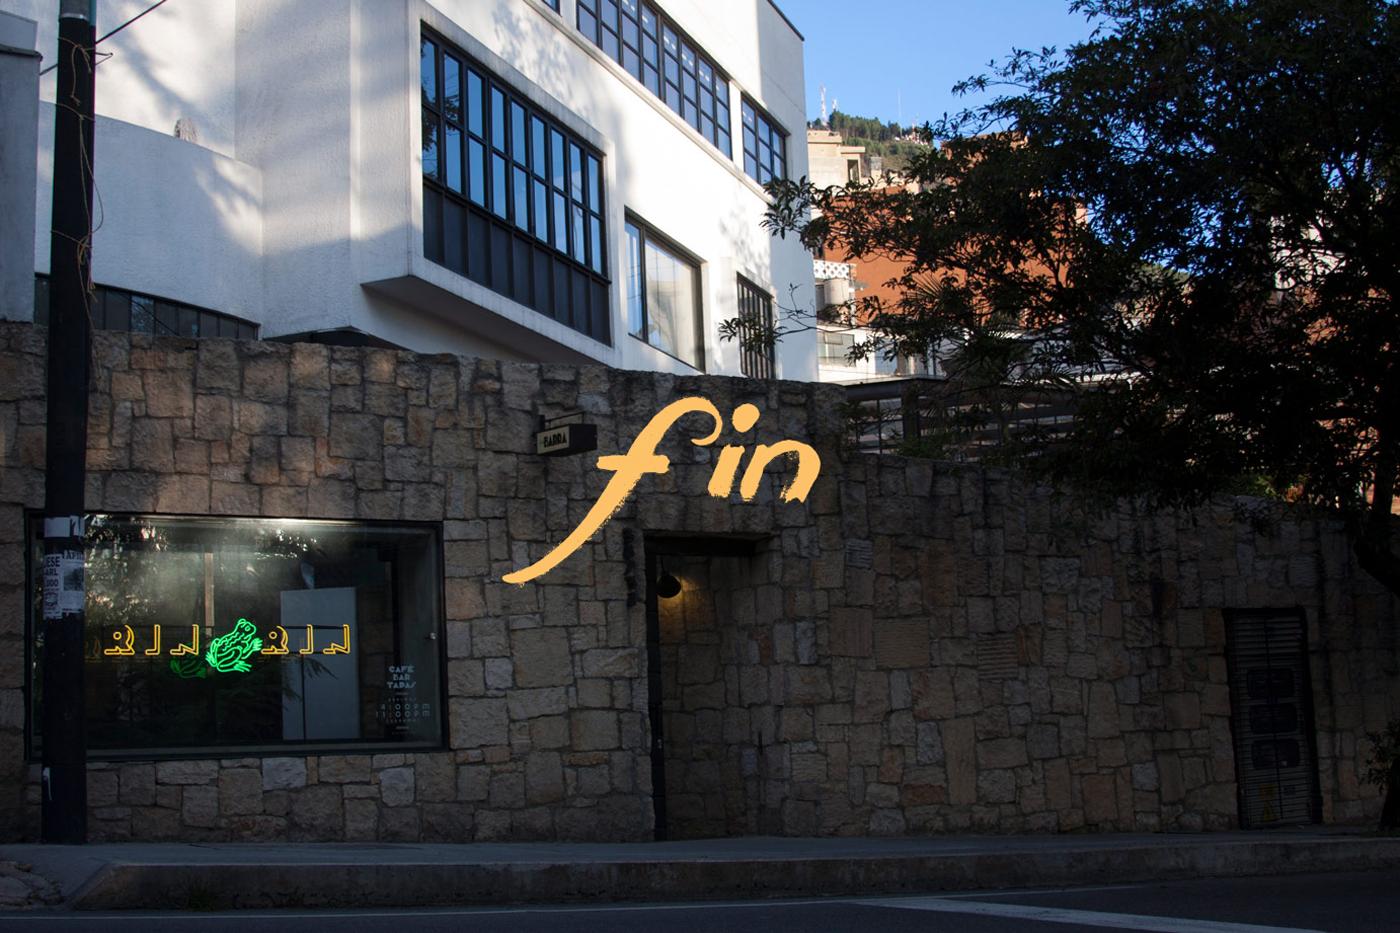 Rin-Rin_25